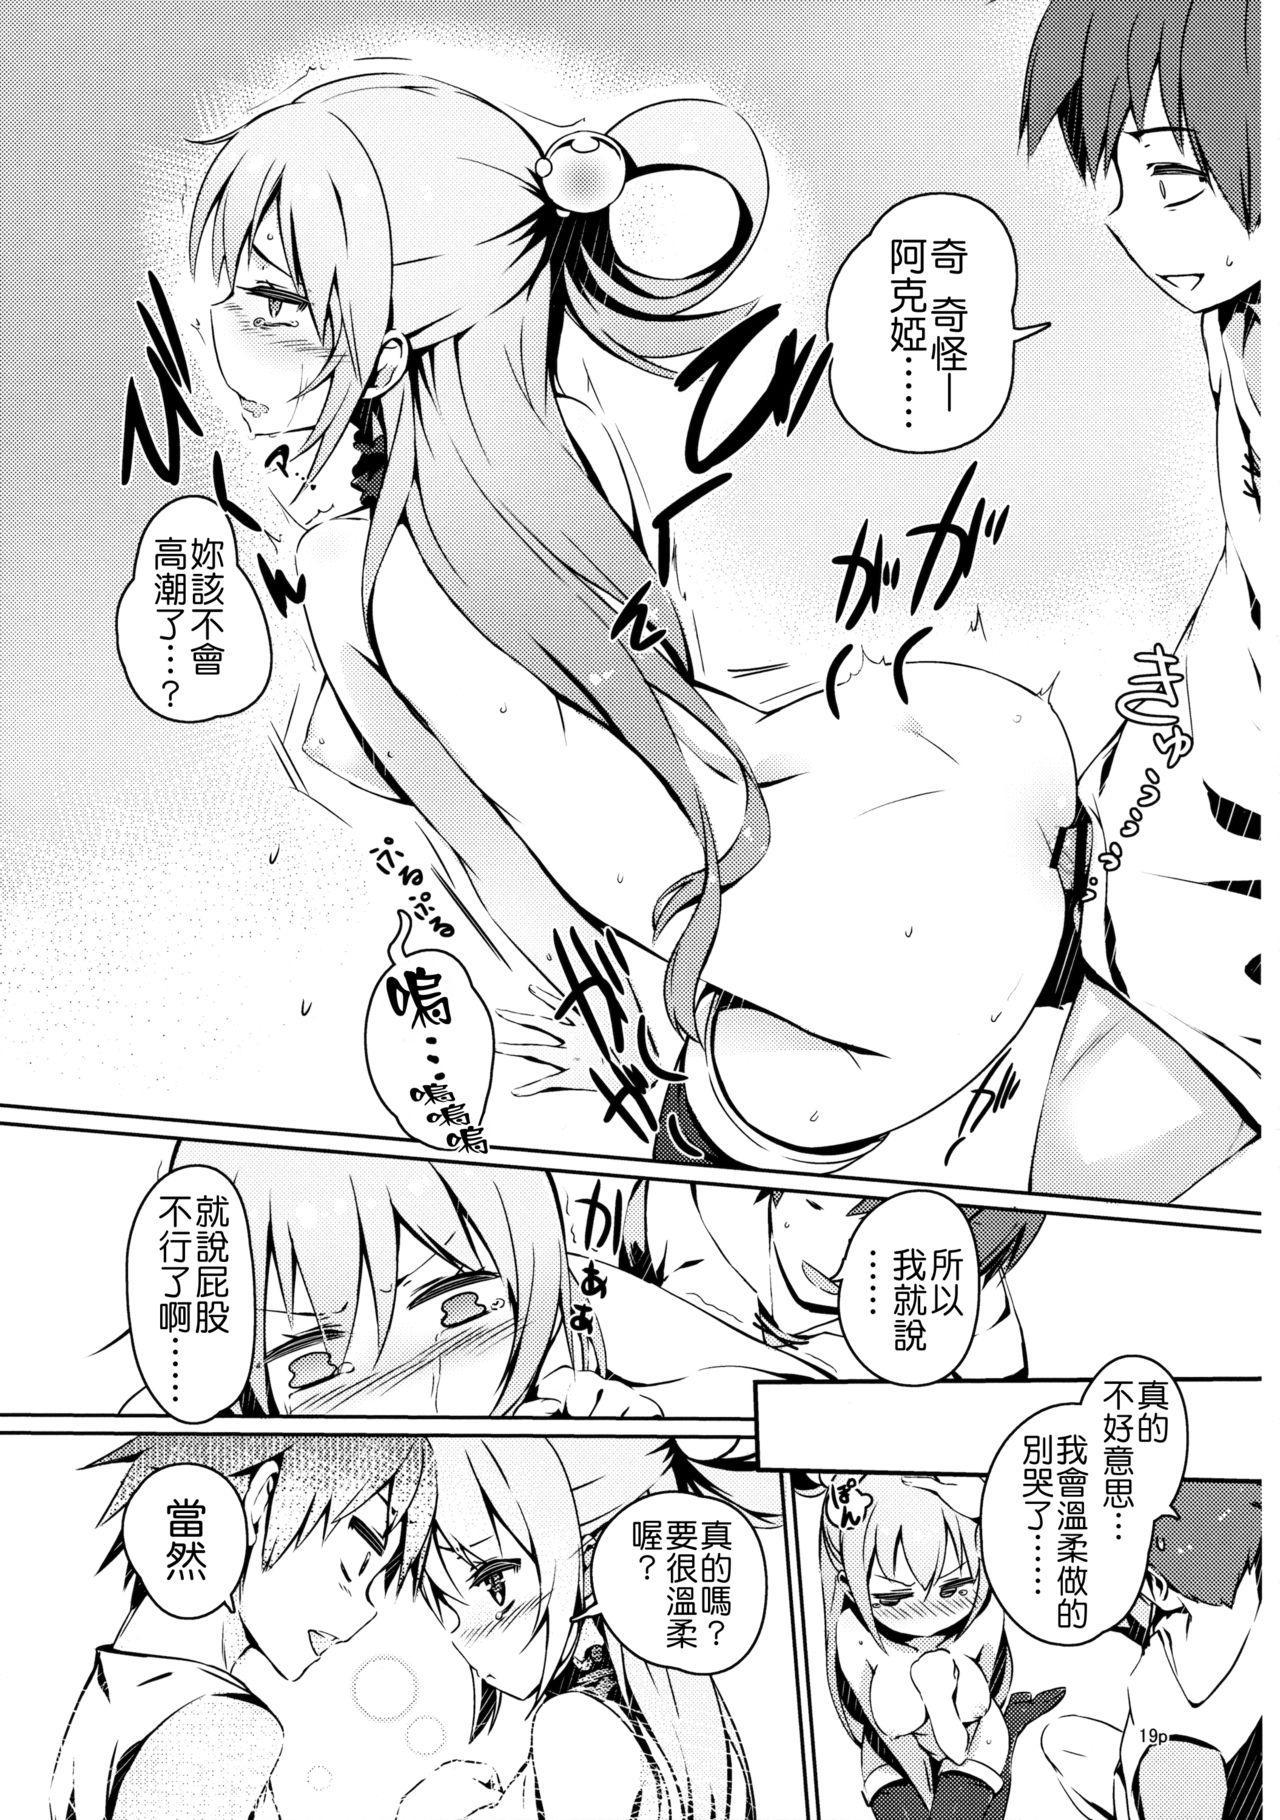 Kono Nikutarashii Megami no Icha Love o! 18